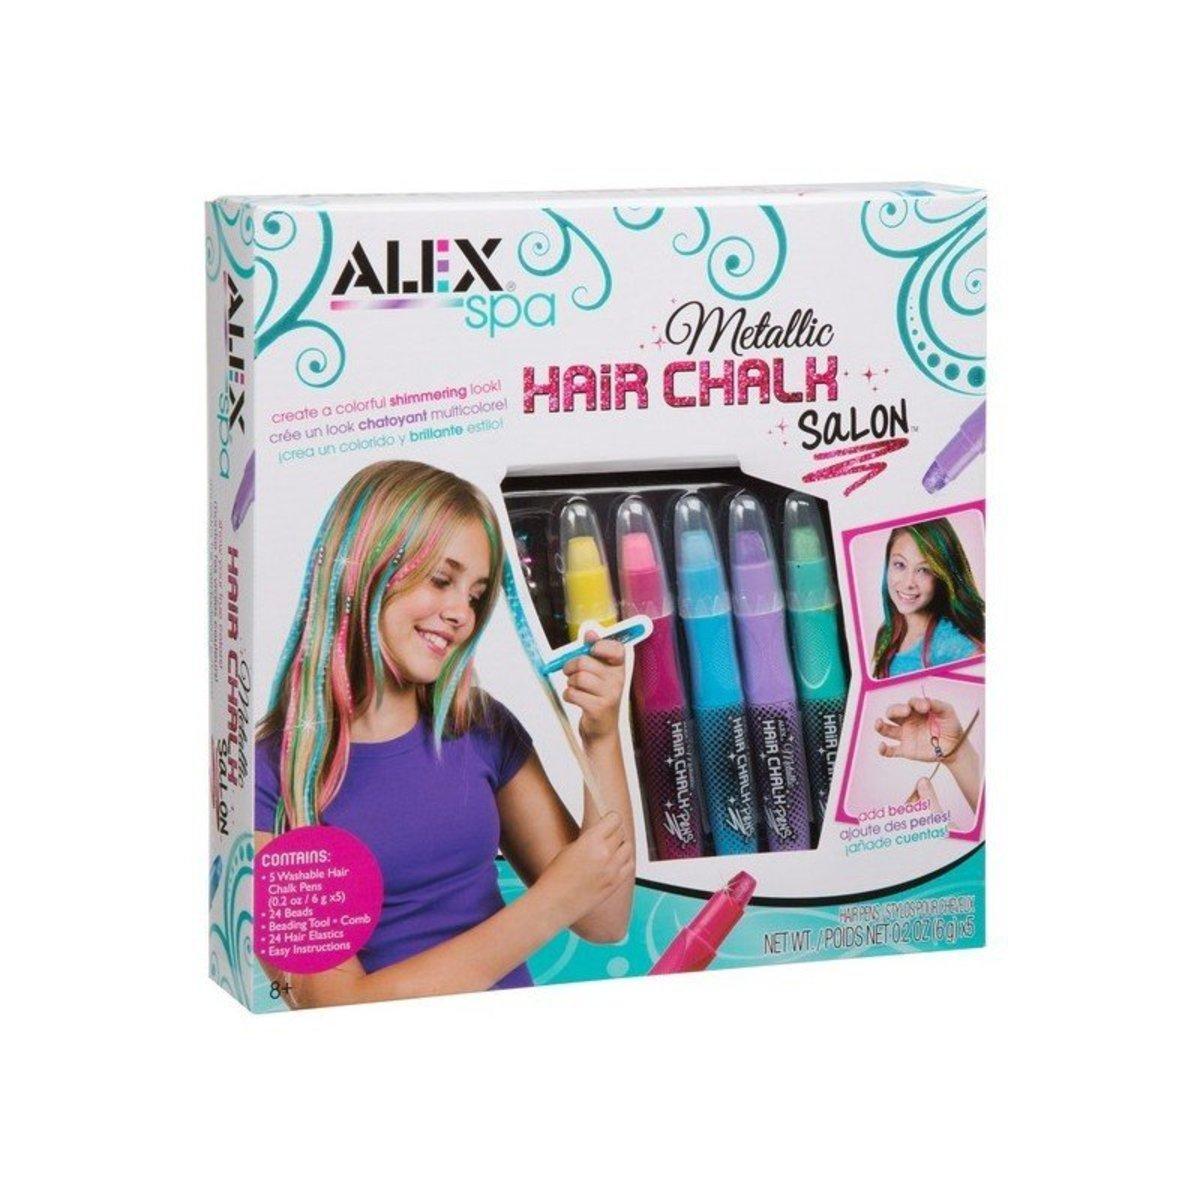 可洗染髮筆及髮飾套裝 - 金屬色